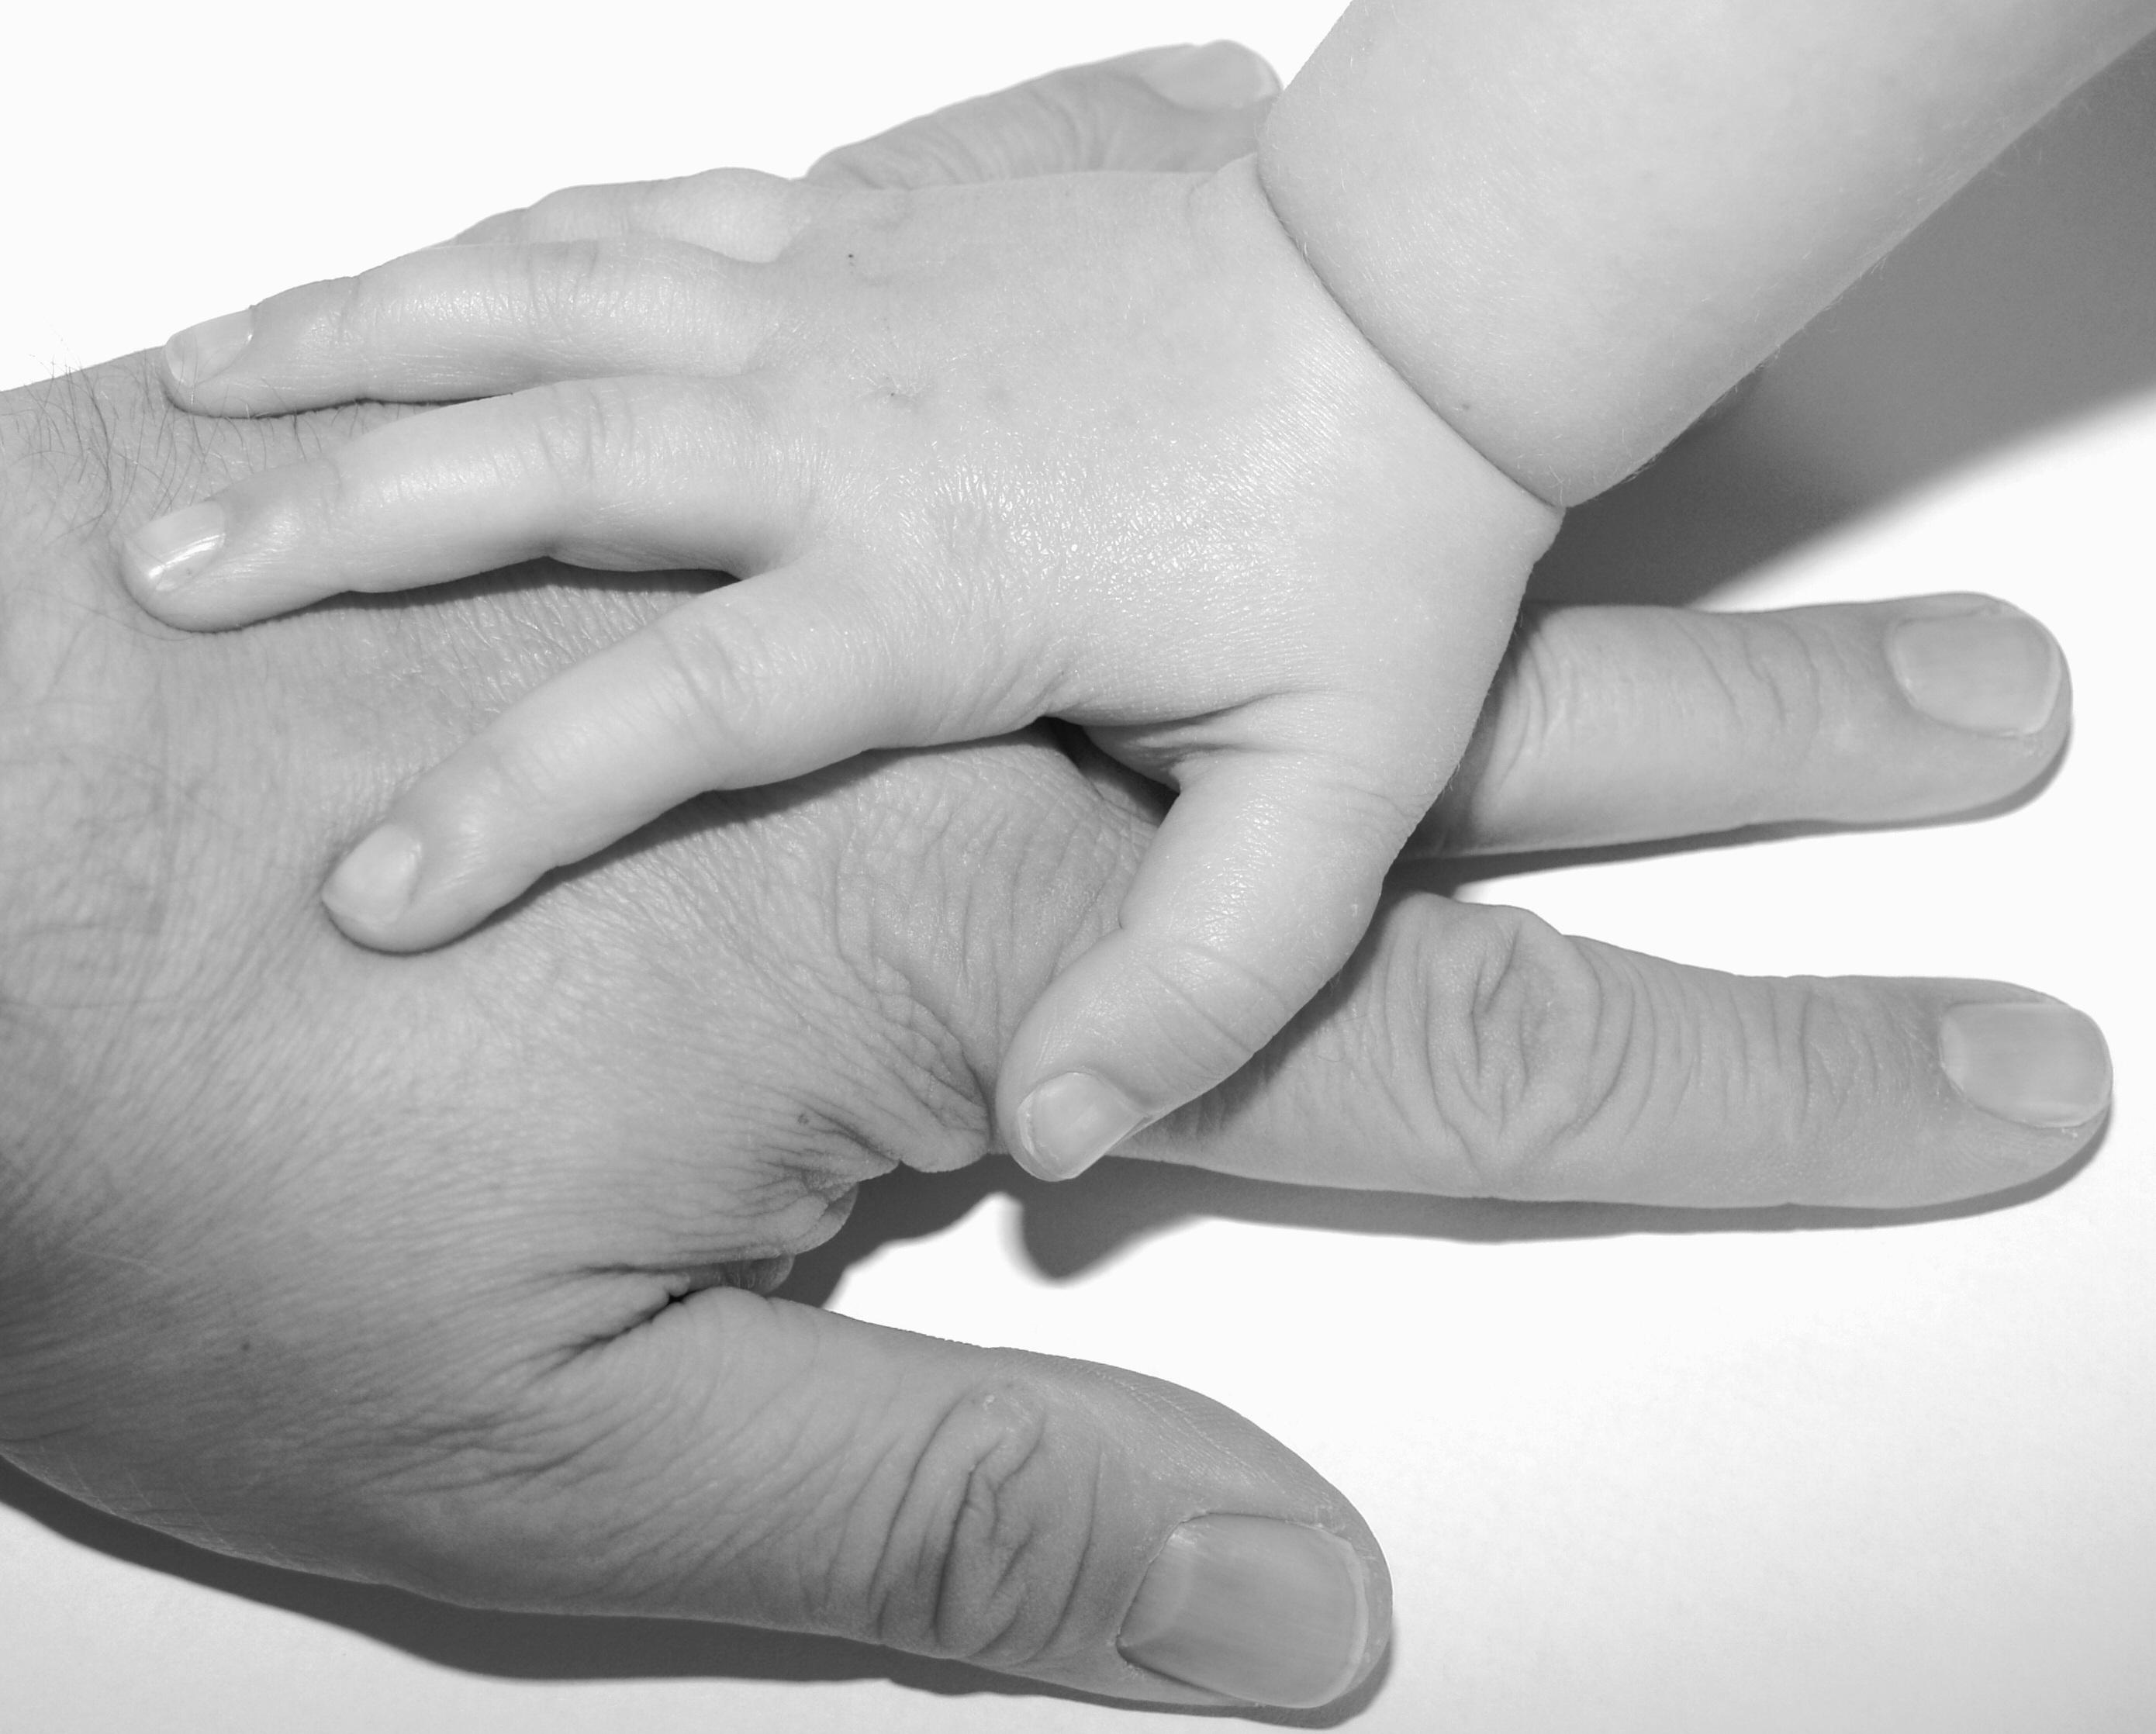 Assez Images Gratuites : noir et blanc, fille, gant, enfant, mignonne  PG46